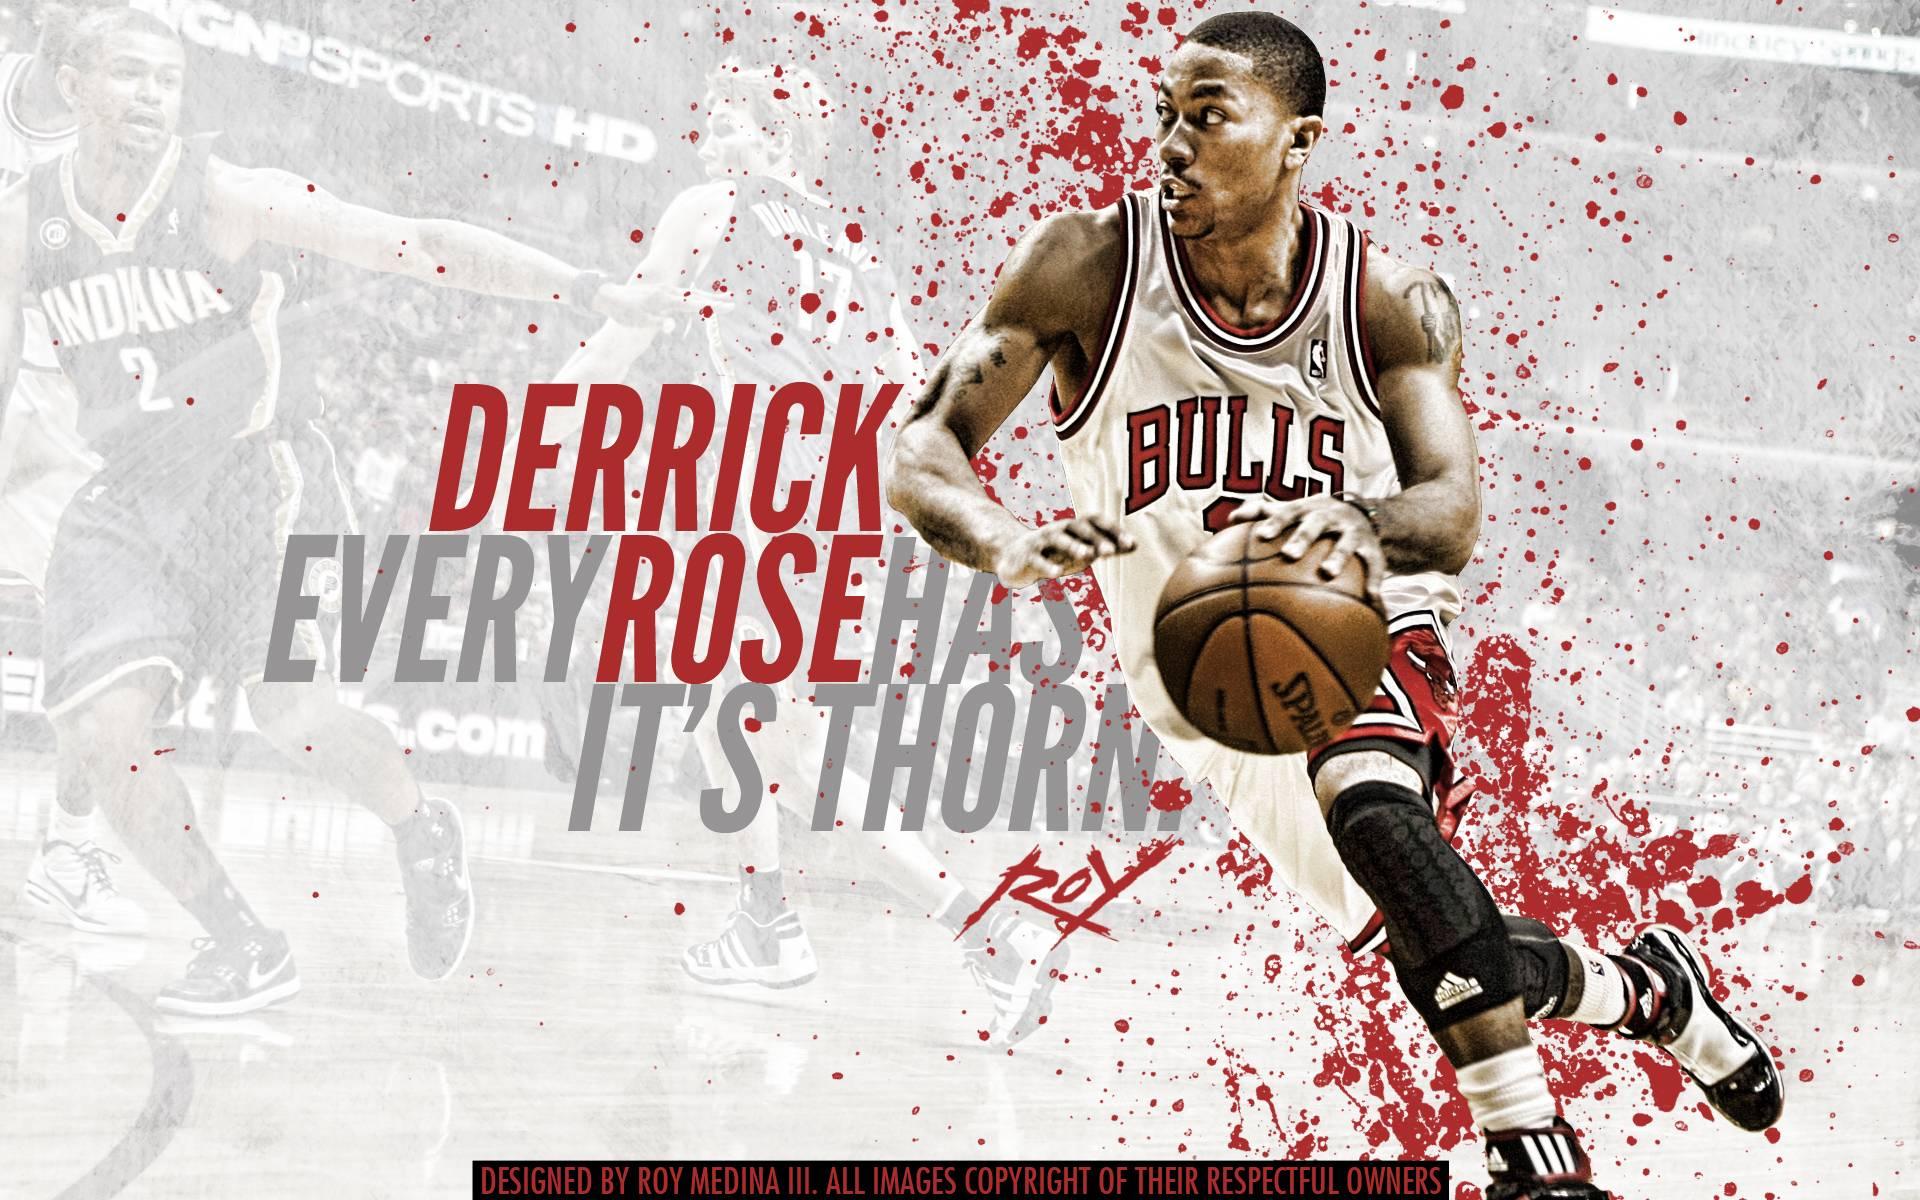 Derrick rose wallpapers wallpaper cave - Derrick rose cool wallpaper ...